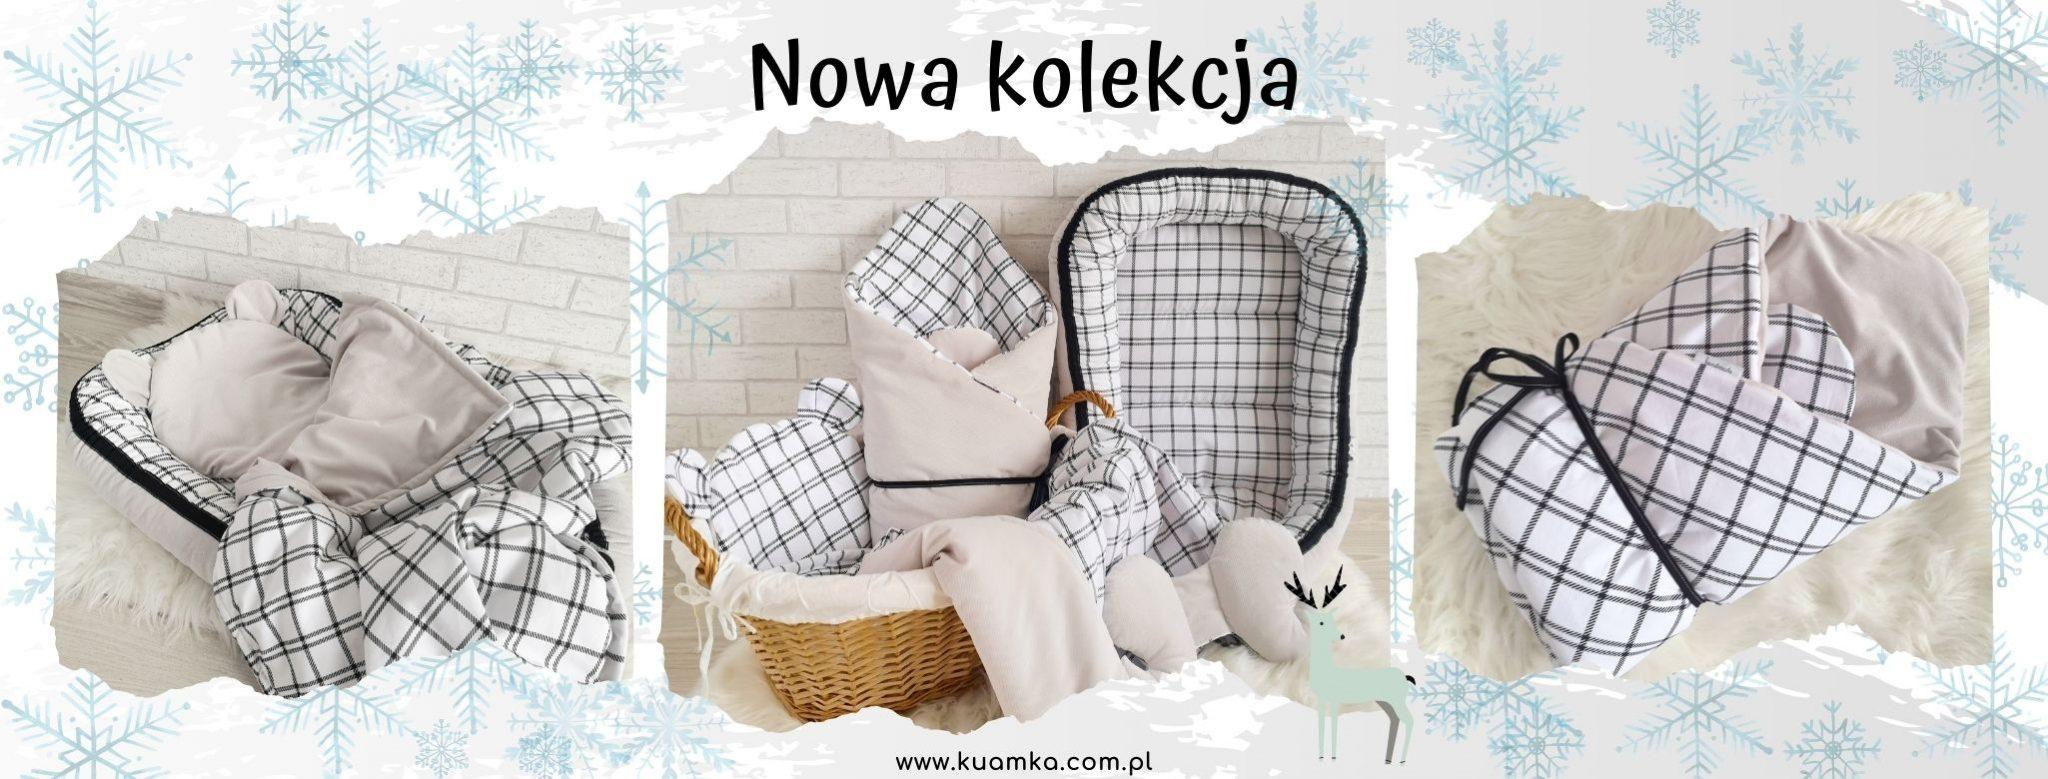 Krata - nowa kolekcja pościelowa dla dzieci i niemowląt - Kuamka